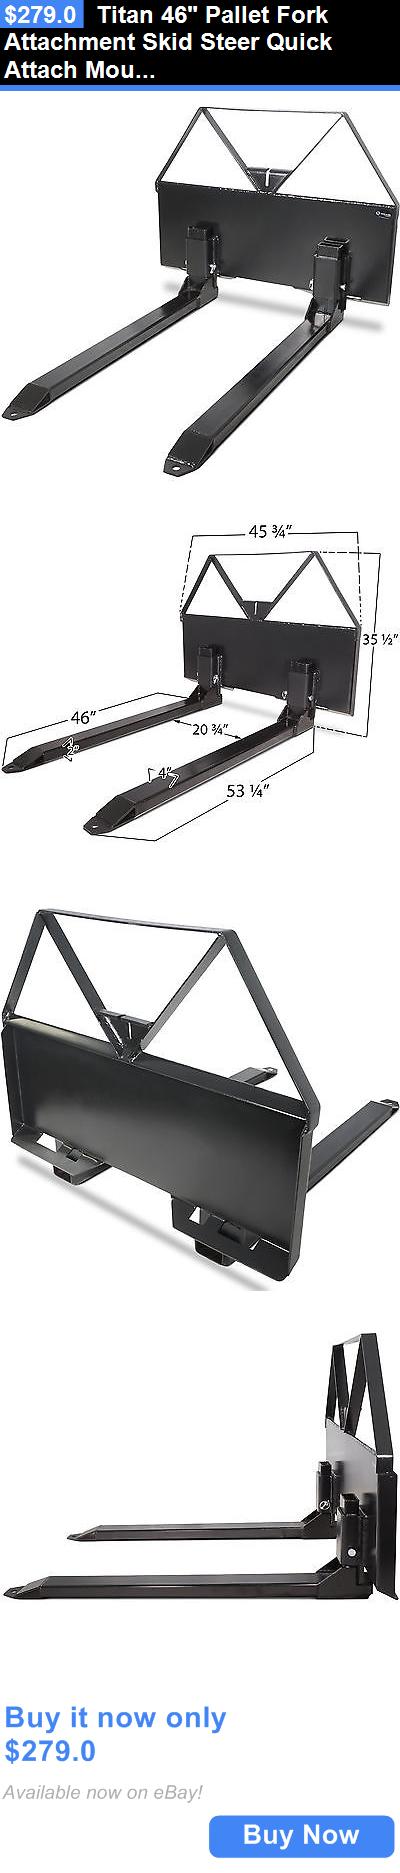 Patio, Lawn & Garden Titan 46 Pallet Fork Attachment Skid